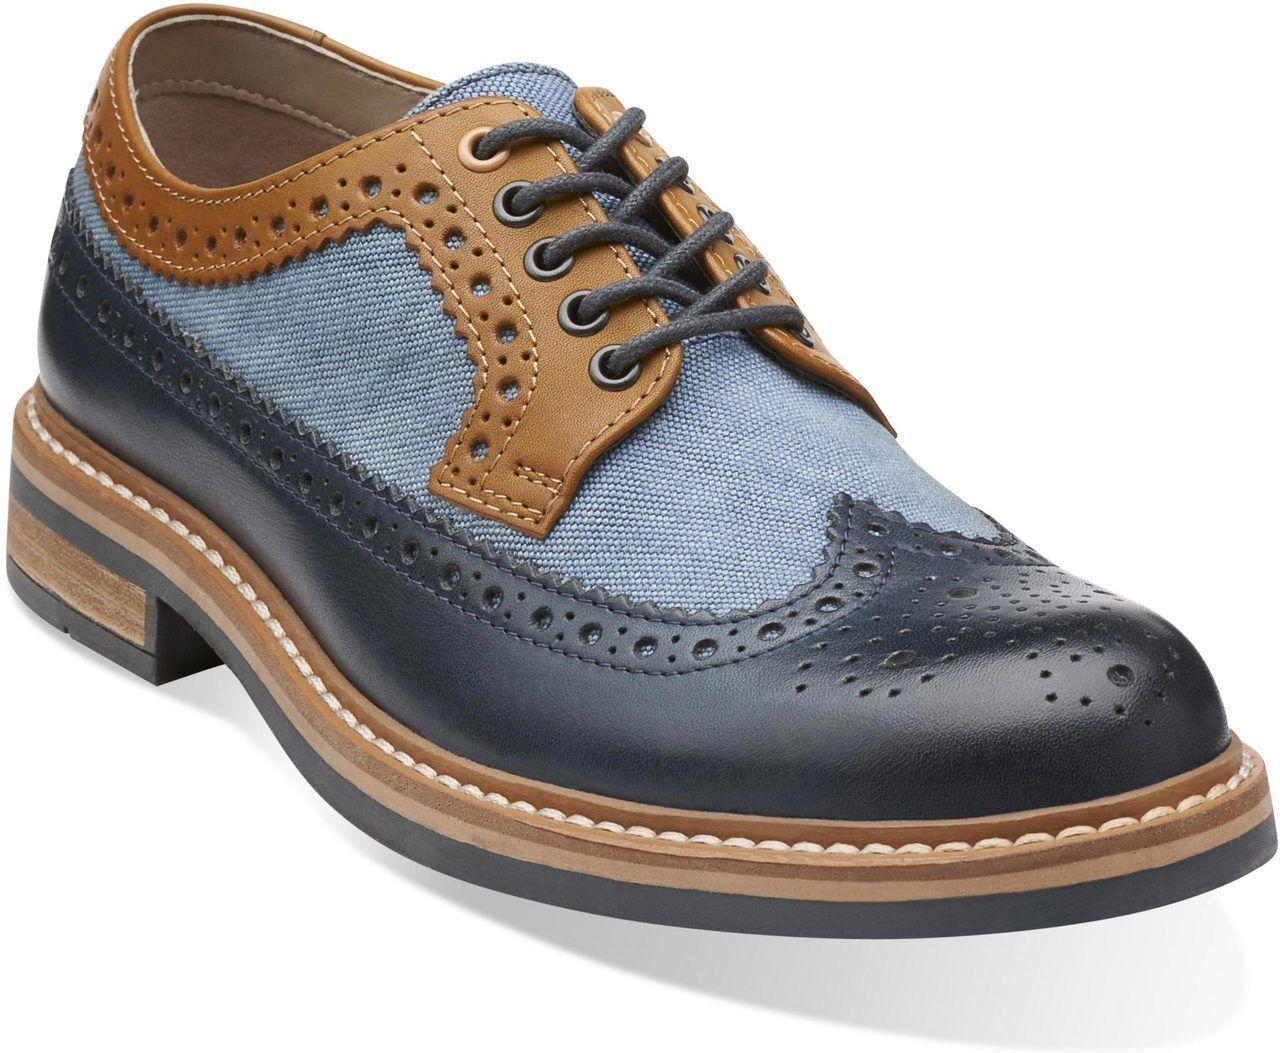 Clarks Herren Darby Limit Marineblau Kombi Trendy & Smart UK 8,9, 10 G    | Won hoch geschätzt und weithin vertraut im in- und Ausland vertraut